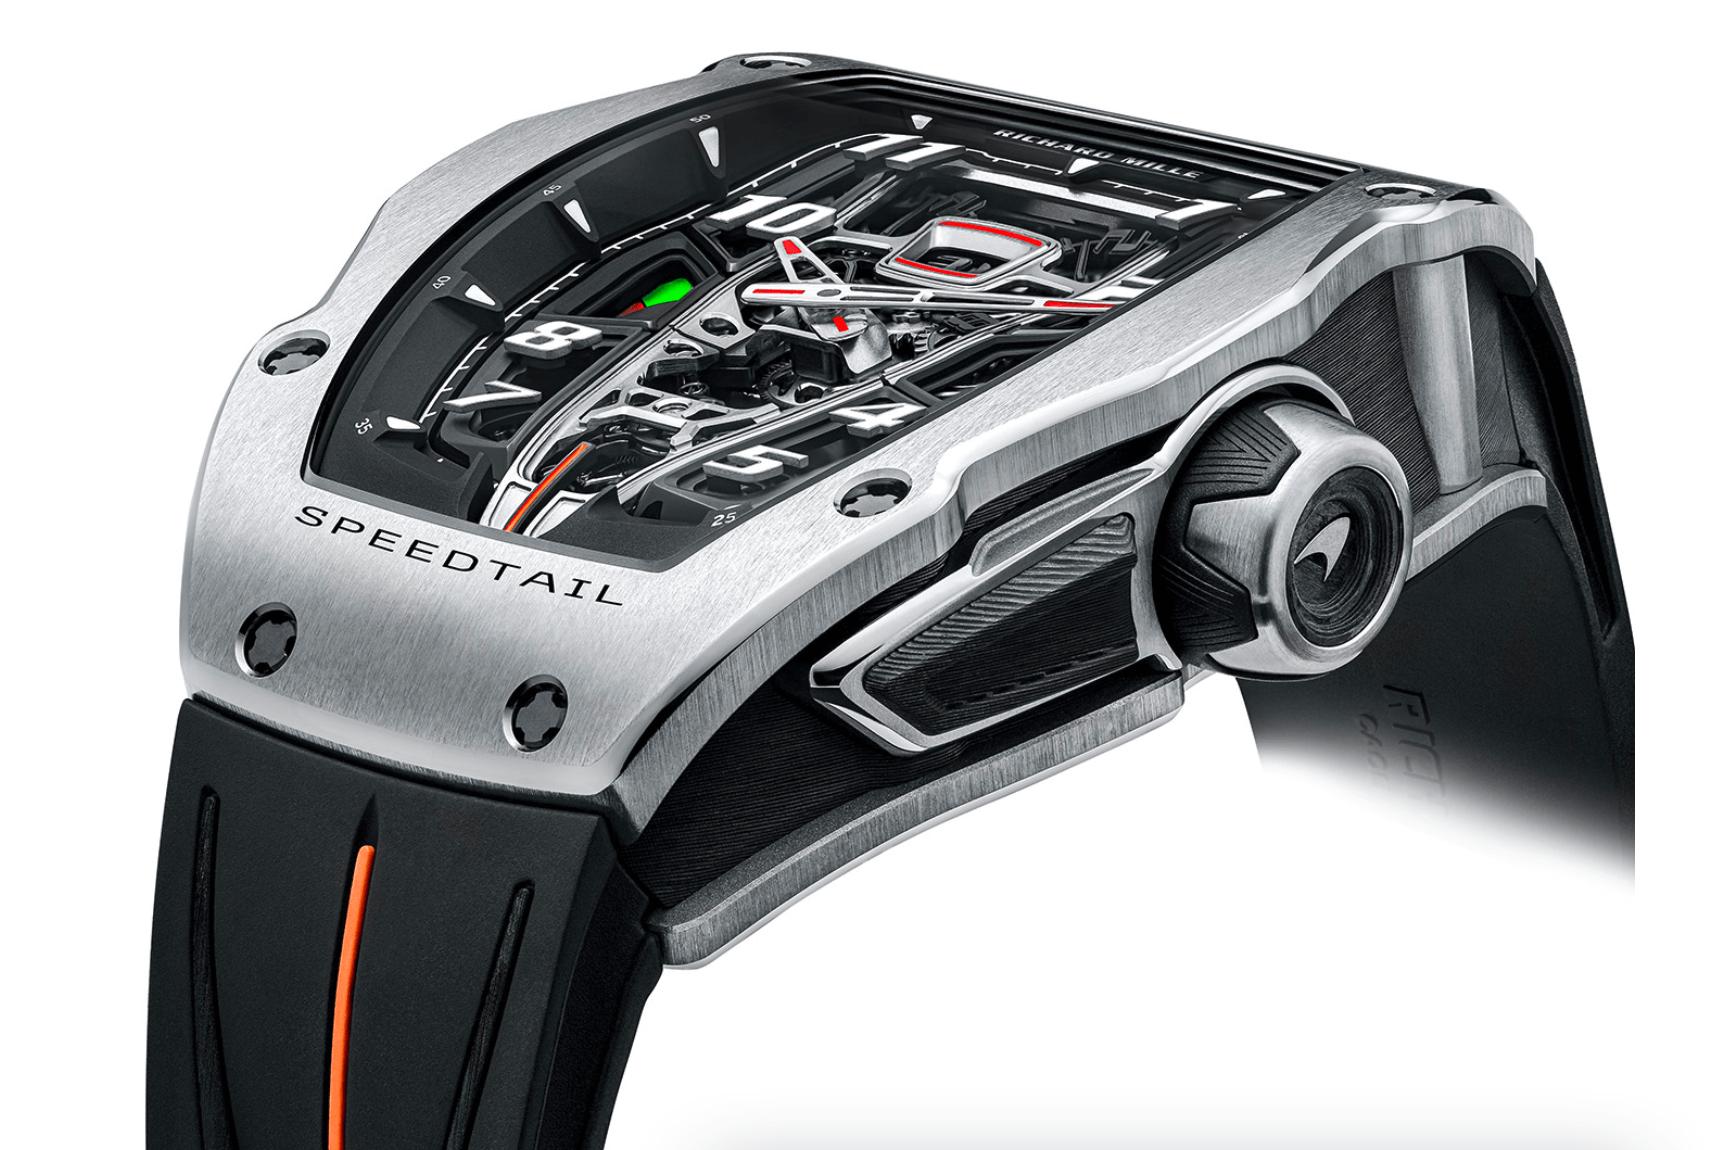 Richard Mille RM 40-01 Otomatik Tourbillon McLaren Speedtail saat blog haber